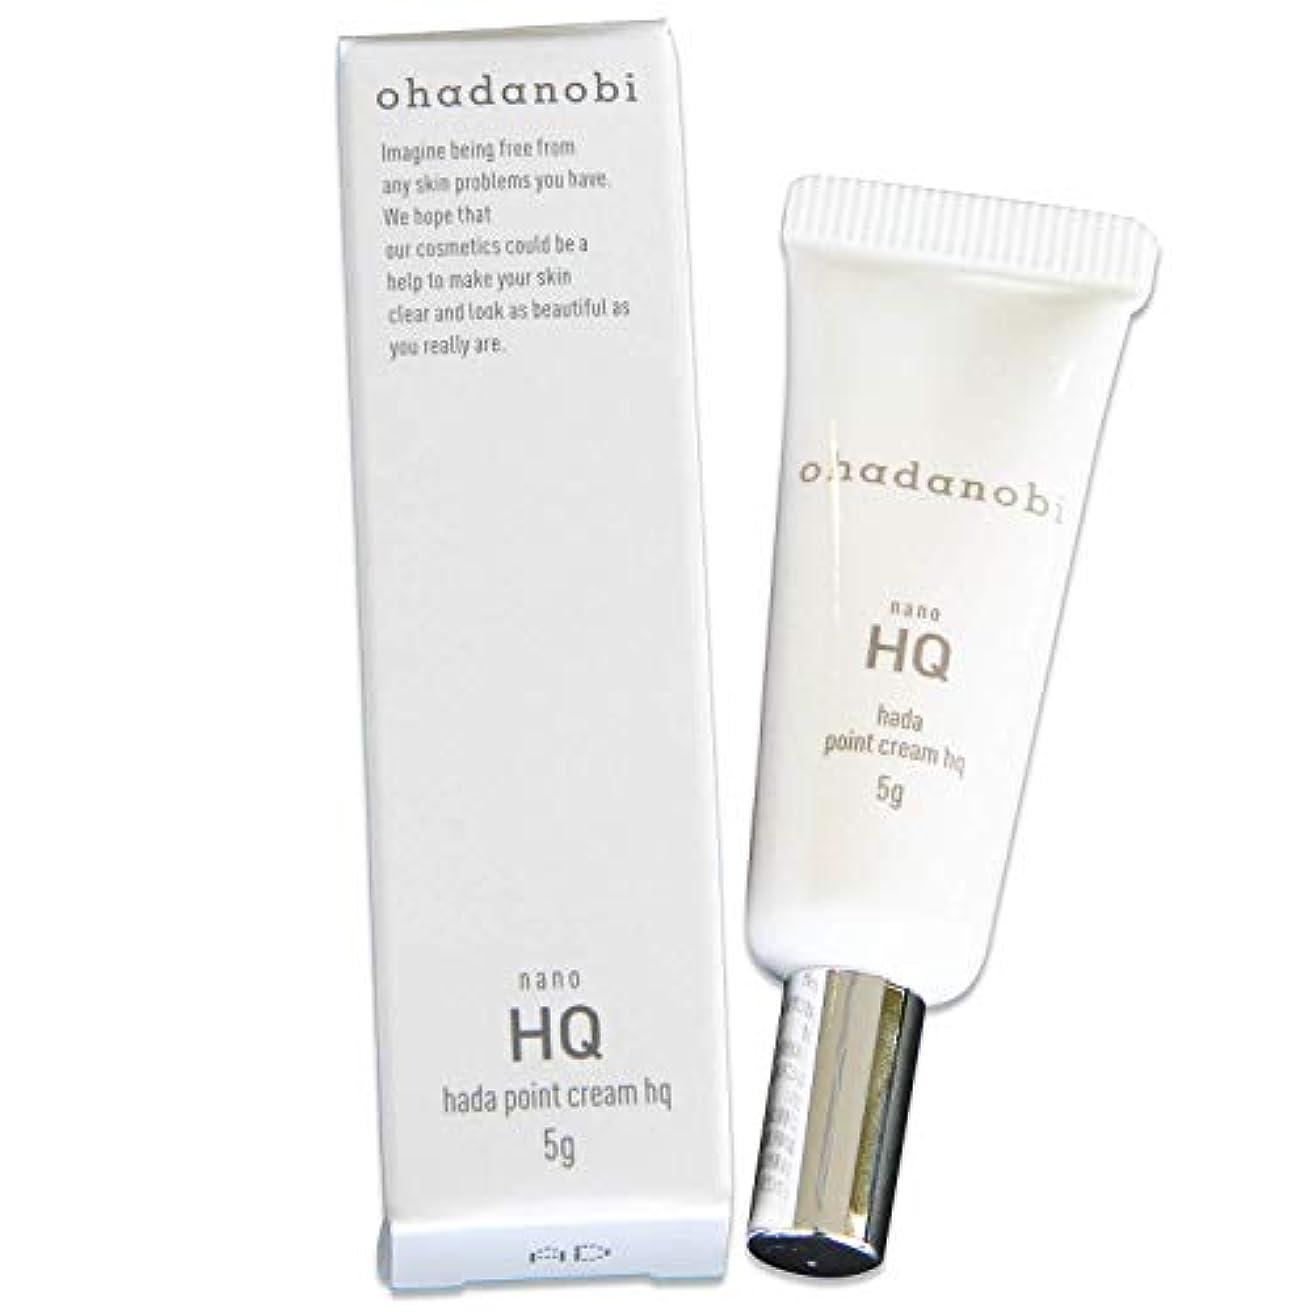 容器到着凝縮するハイドロキノン 4% 配合 日本製 ハダポイントクリームHQ オハダノビ